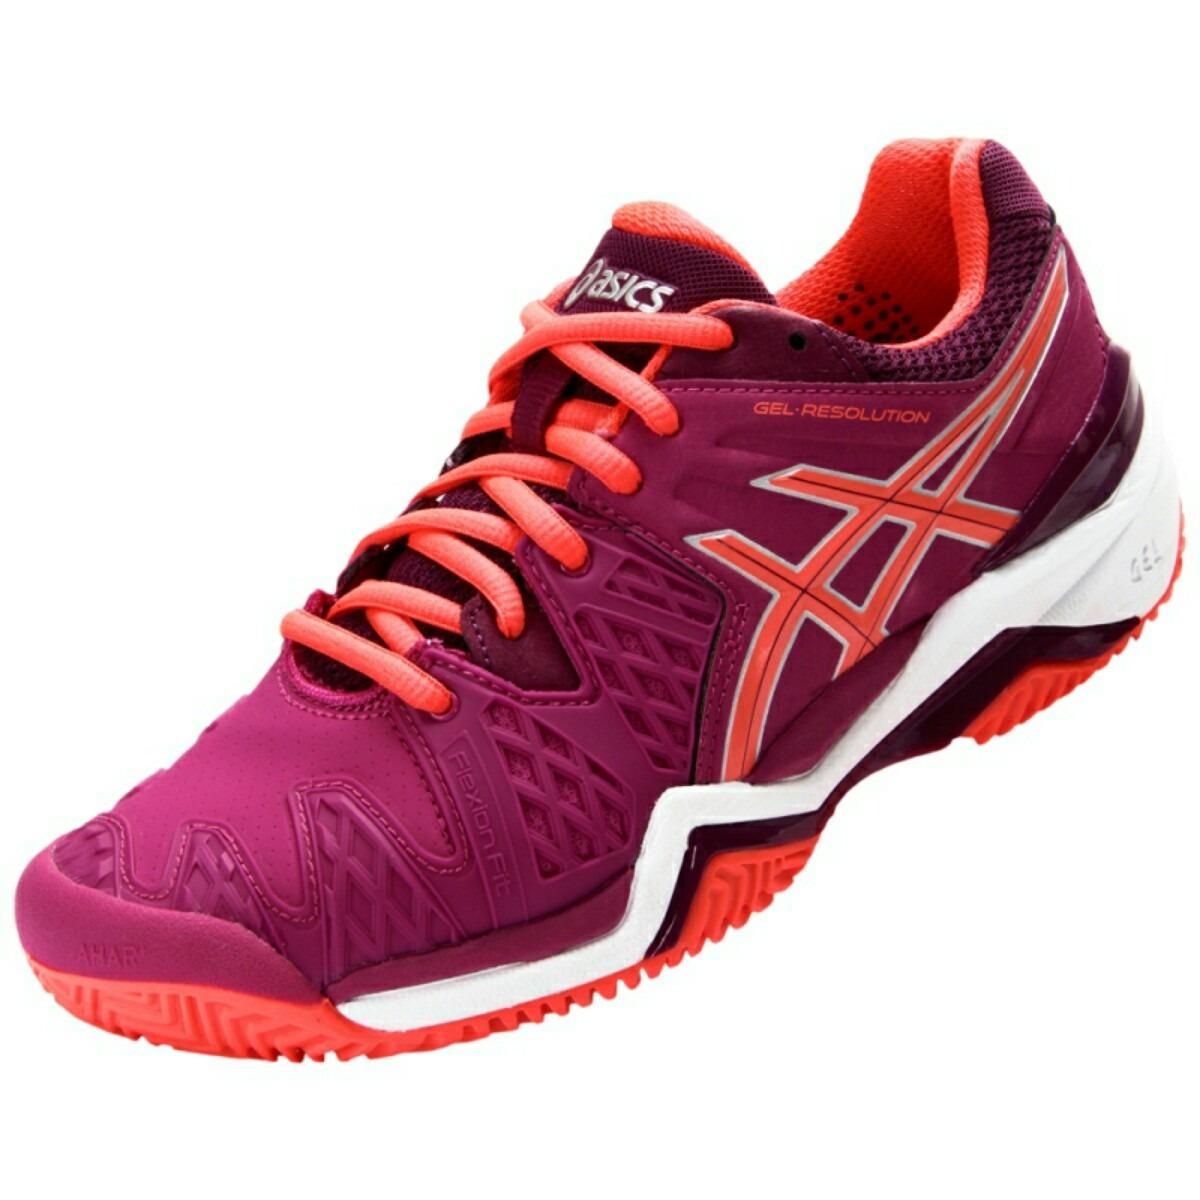 ce29141d37 tênis asics gel resolution 6 clay roxo e laranja feminino. Carregando zoom.